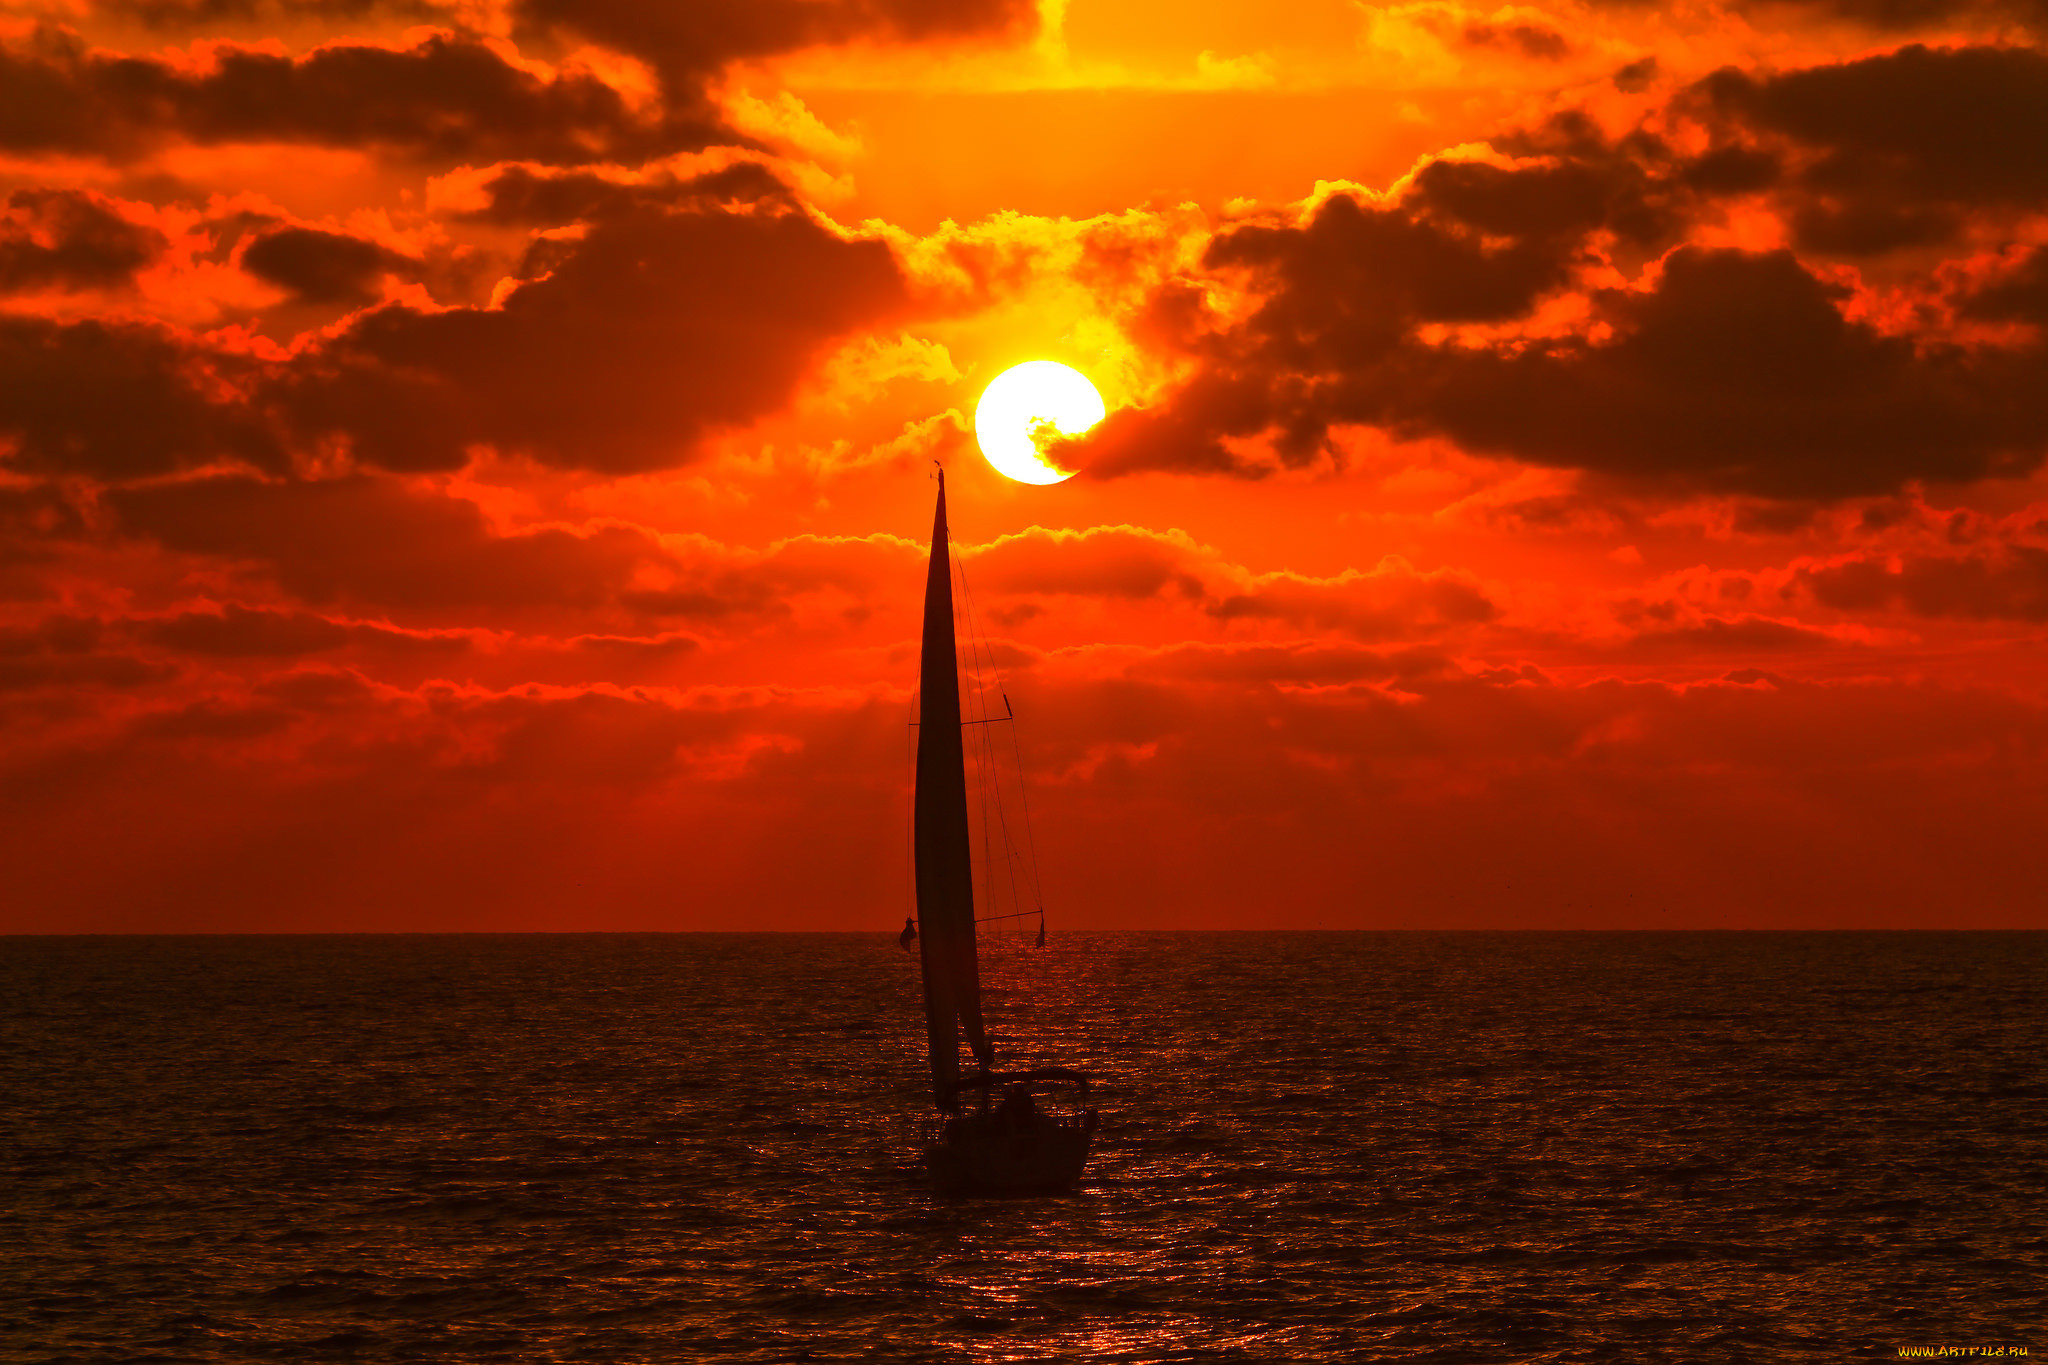 один картинки корабля солнце отличие